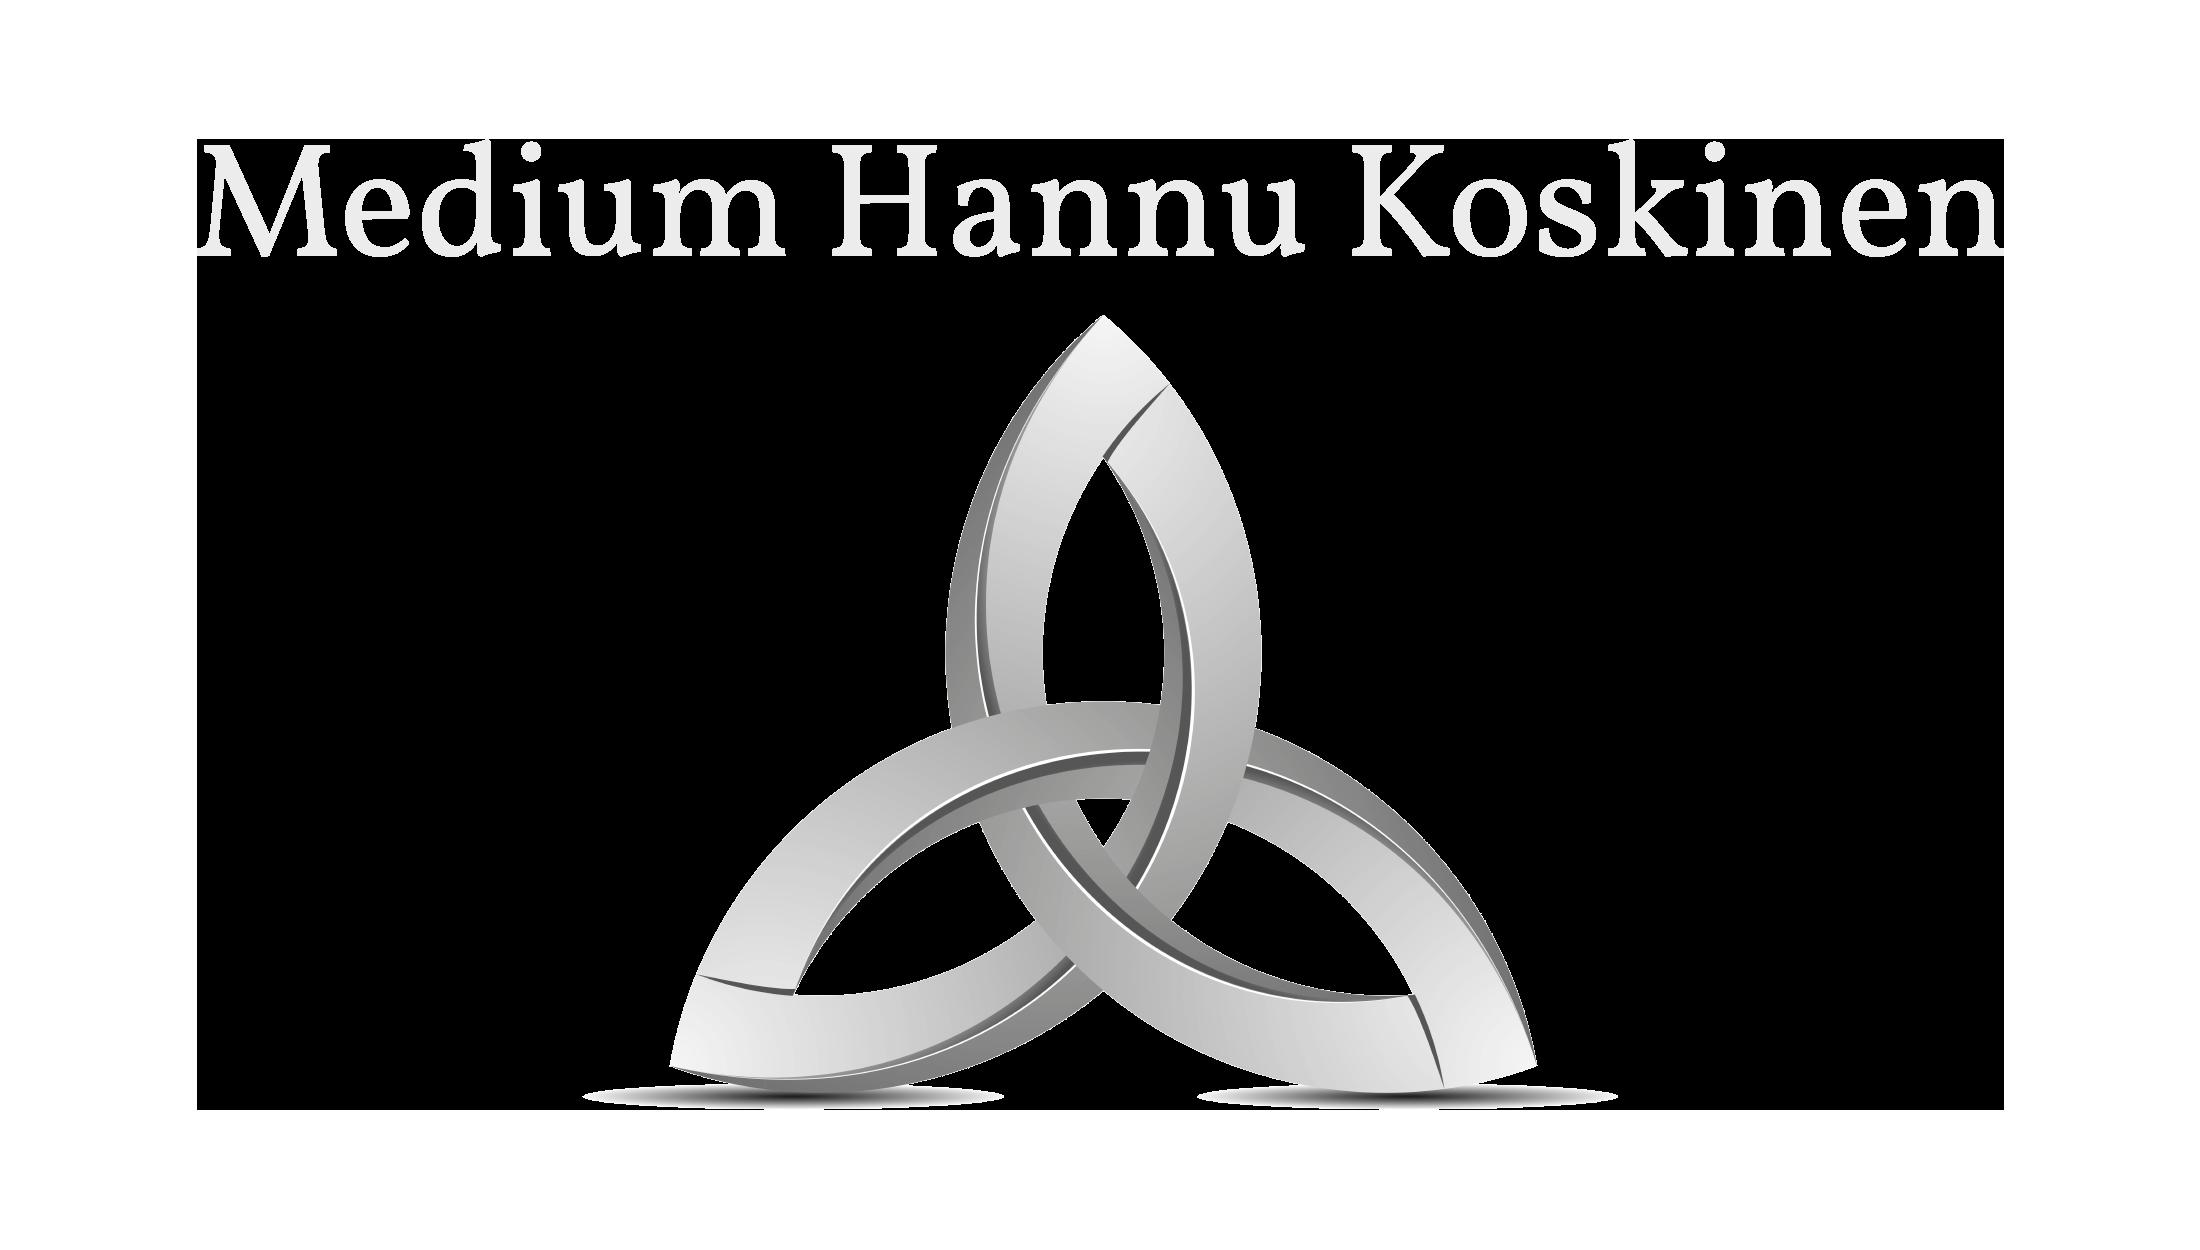 Mobil LOGO Medium Hannu ny